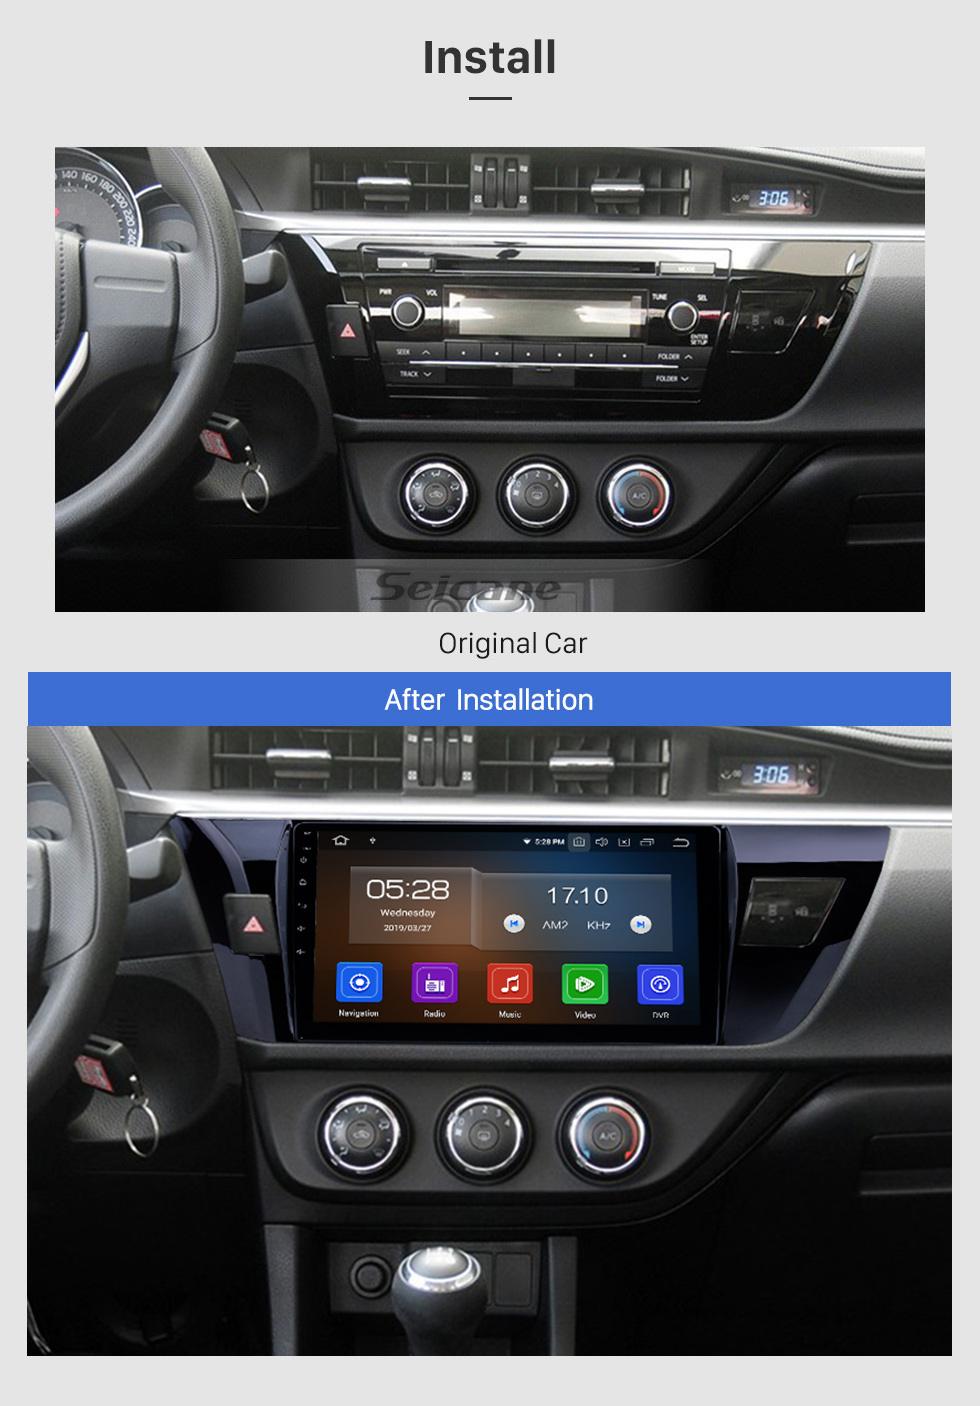 Seicane 10,1 polegadas 2013 2014 2015 Toyota Corolla LHD Android 9.0 Sistema de Navegação GPS com 1024 * 600 touchscreen Bluetooth Rádio OBD2 DVR Retrovisor Câmera TV 1080P 4G WIFI Steering Wheel Control Mirror link